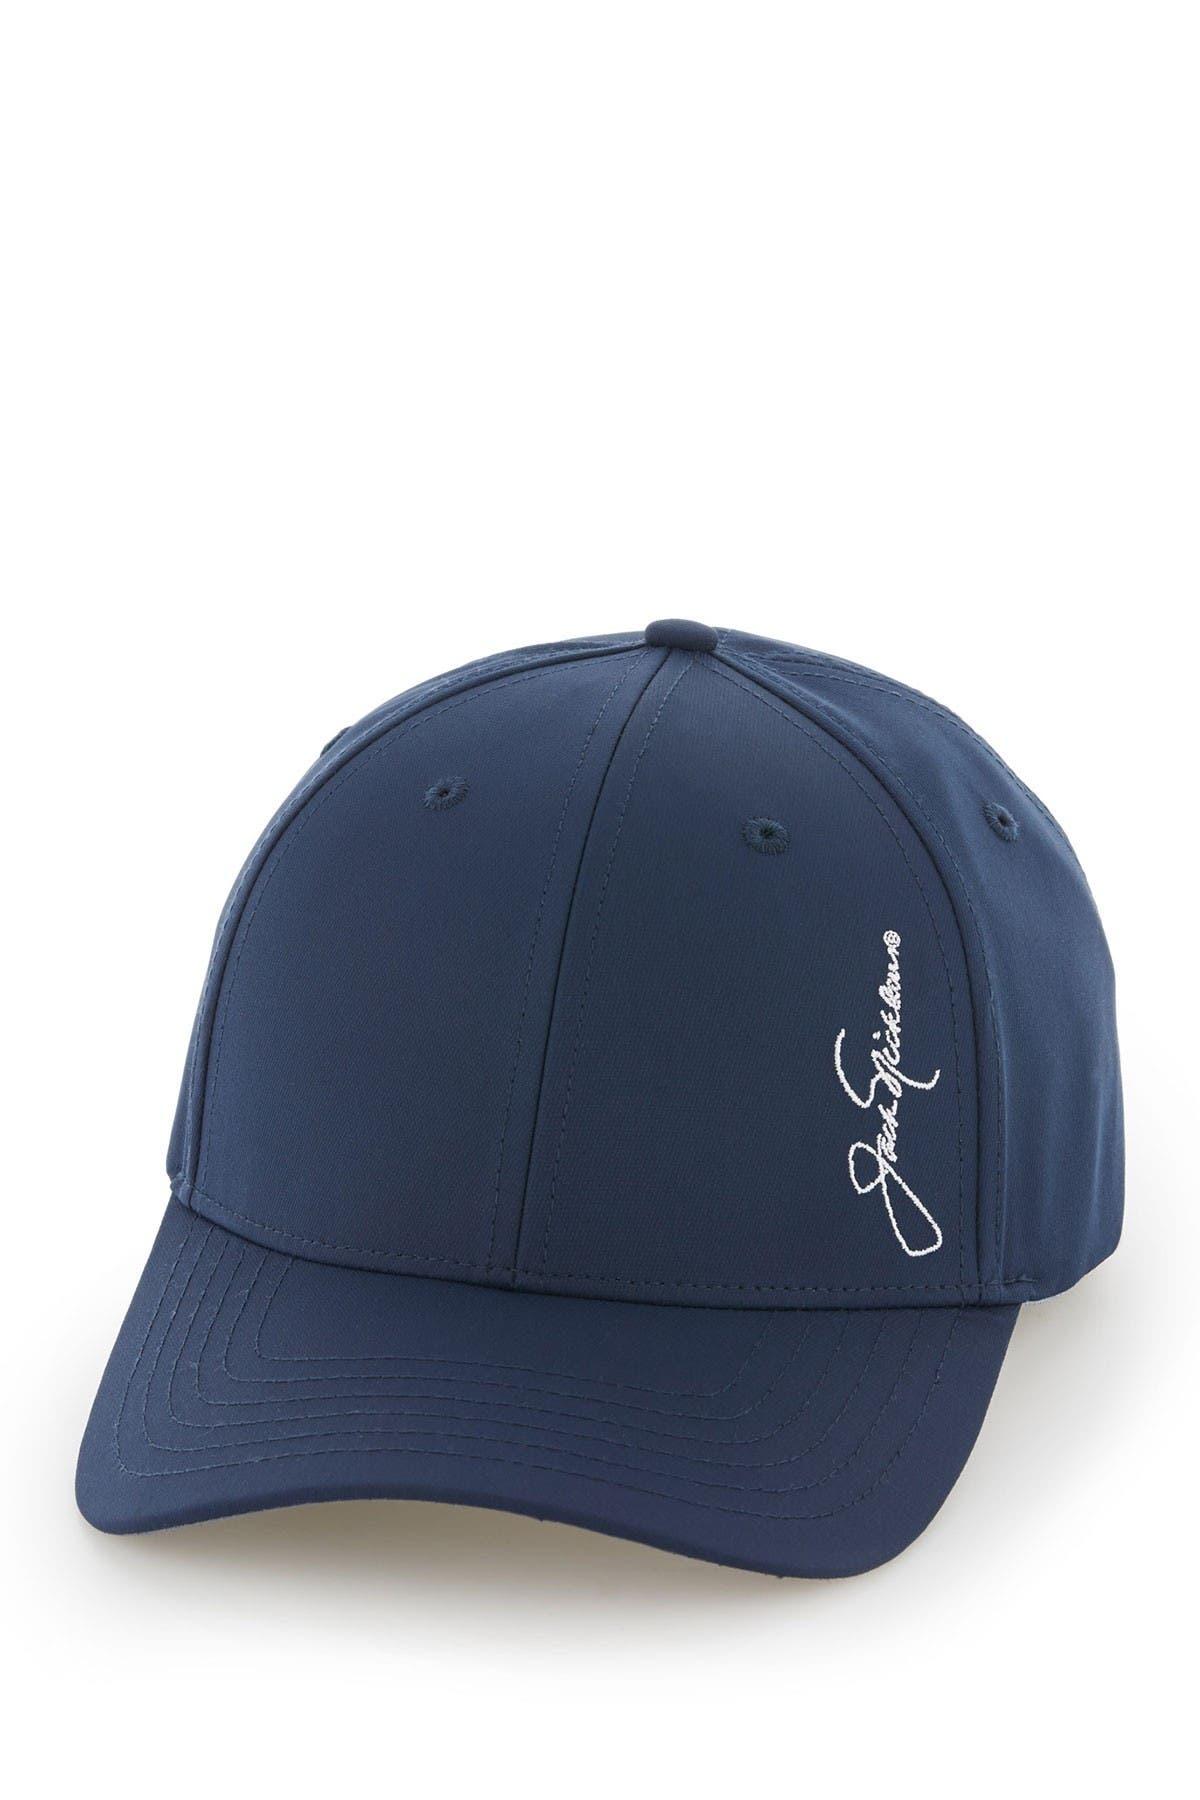 Image of Jack Nicklaus Performance Logo Golf Cap